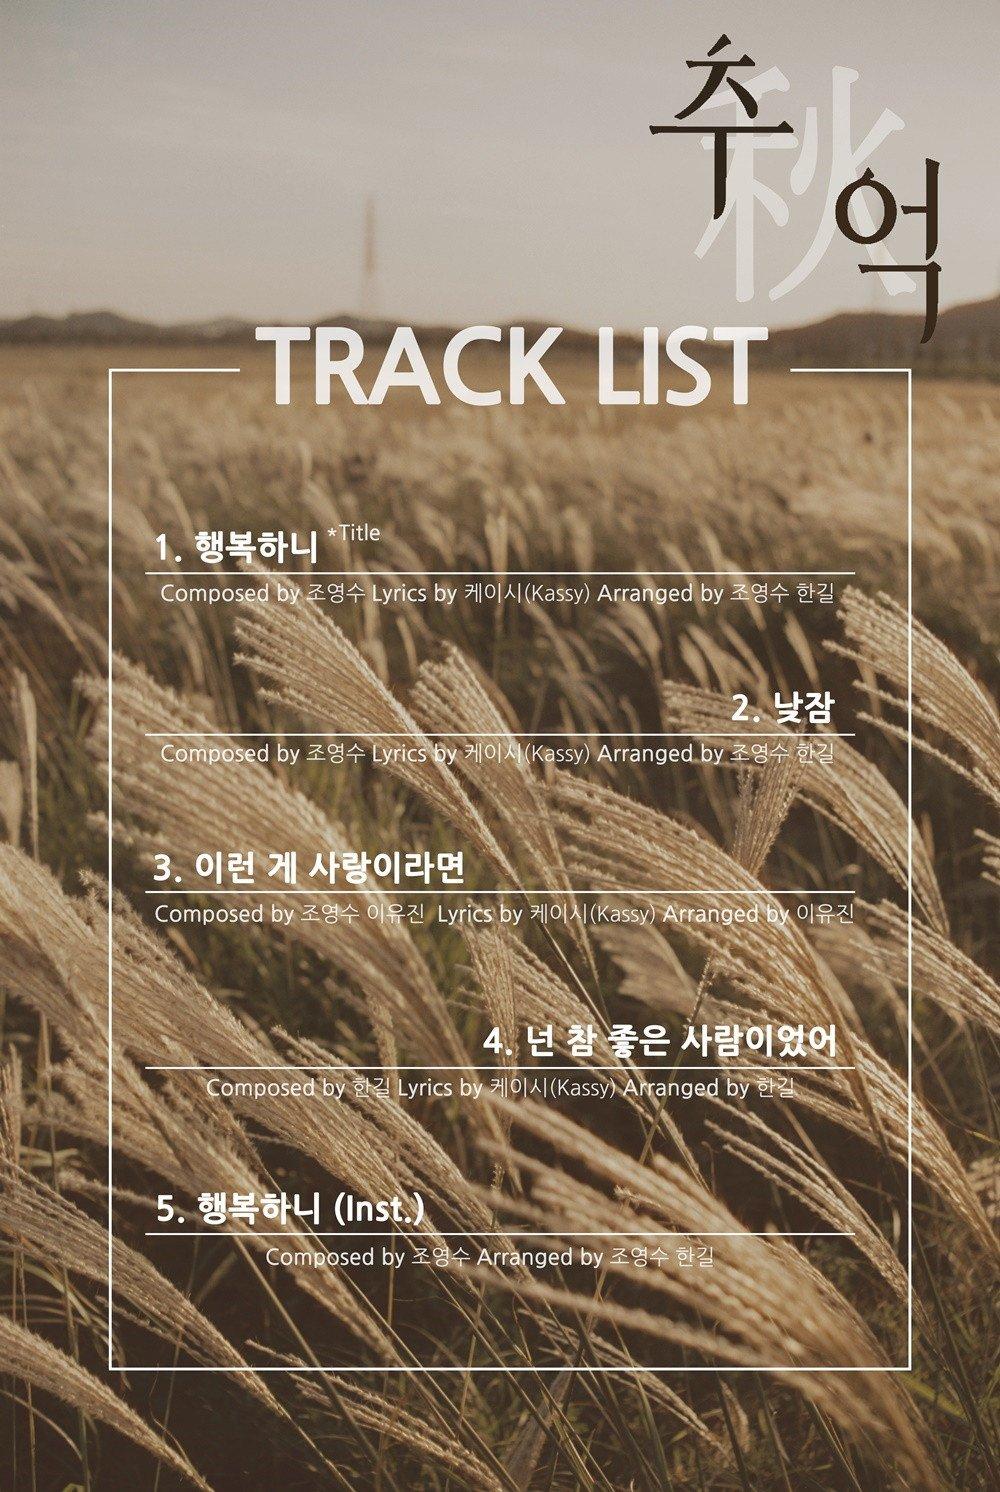 Comeback Soon, Soloist Kassy Uploads The Track List for New Mini Album 'Memory'